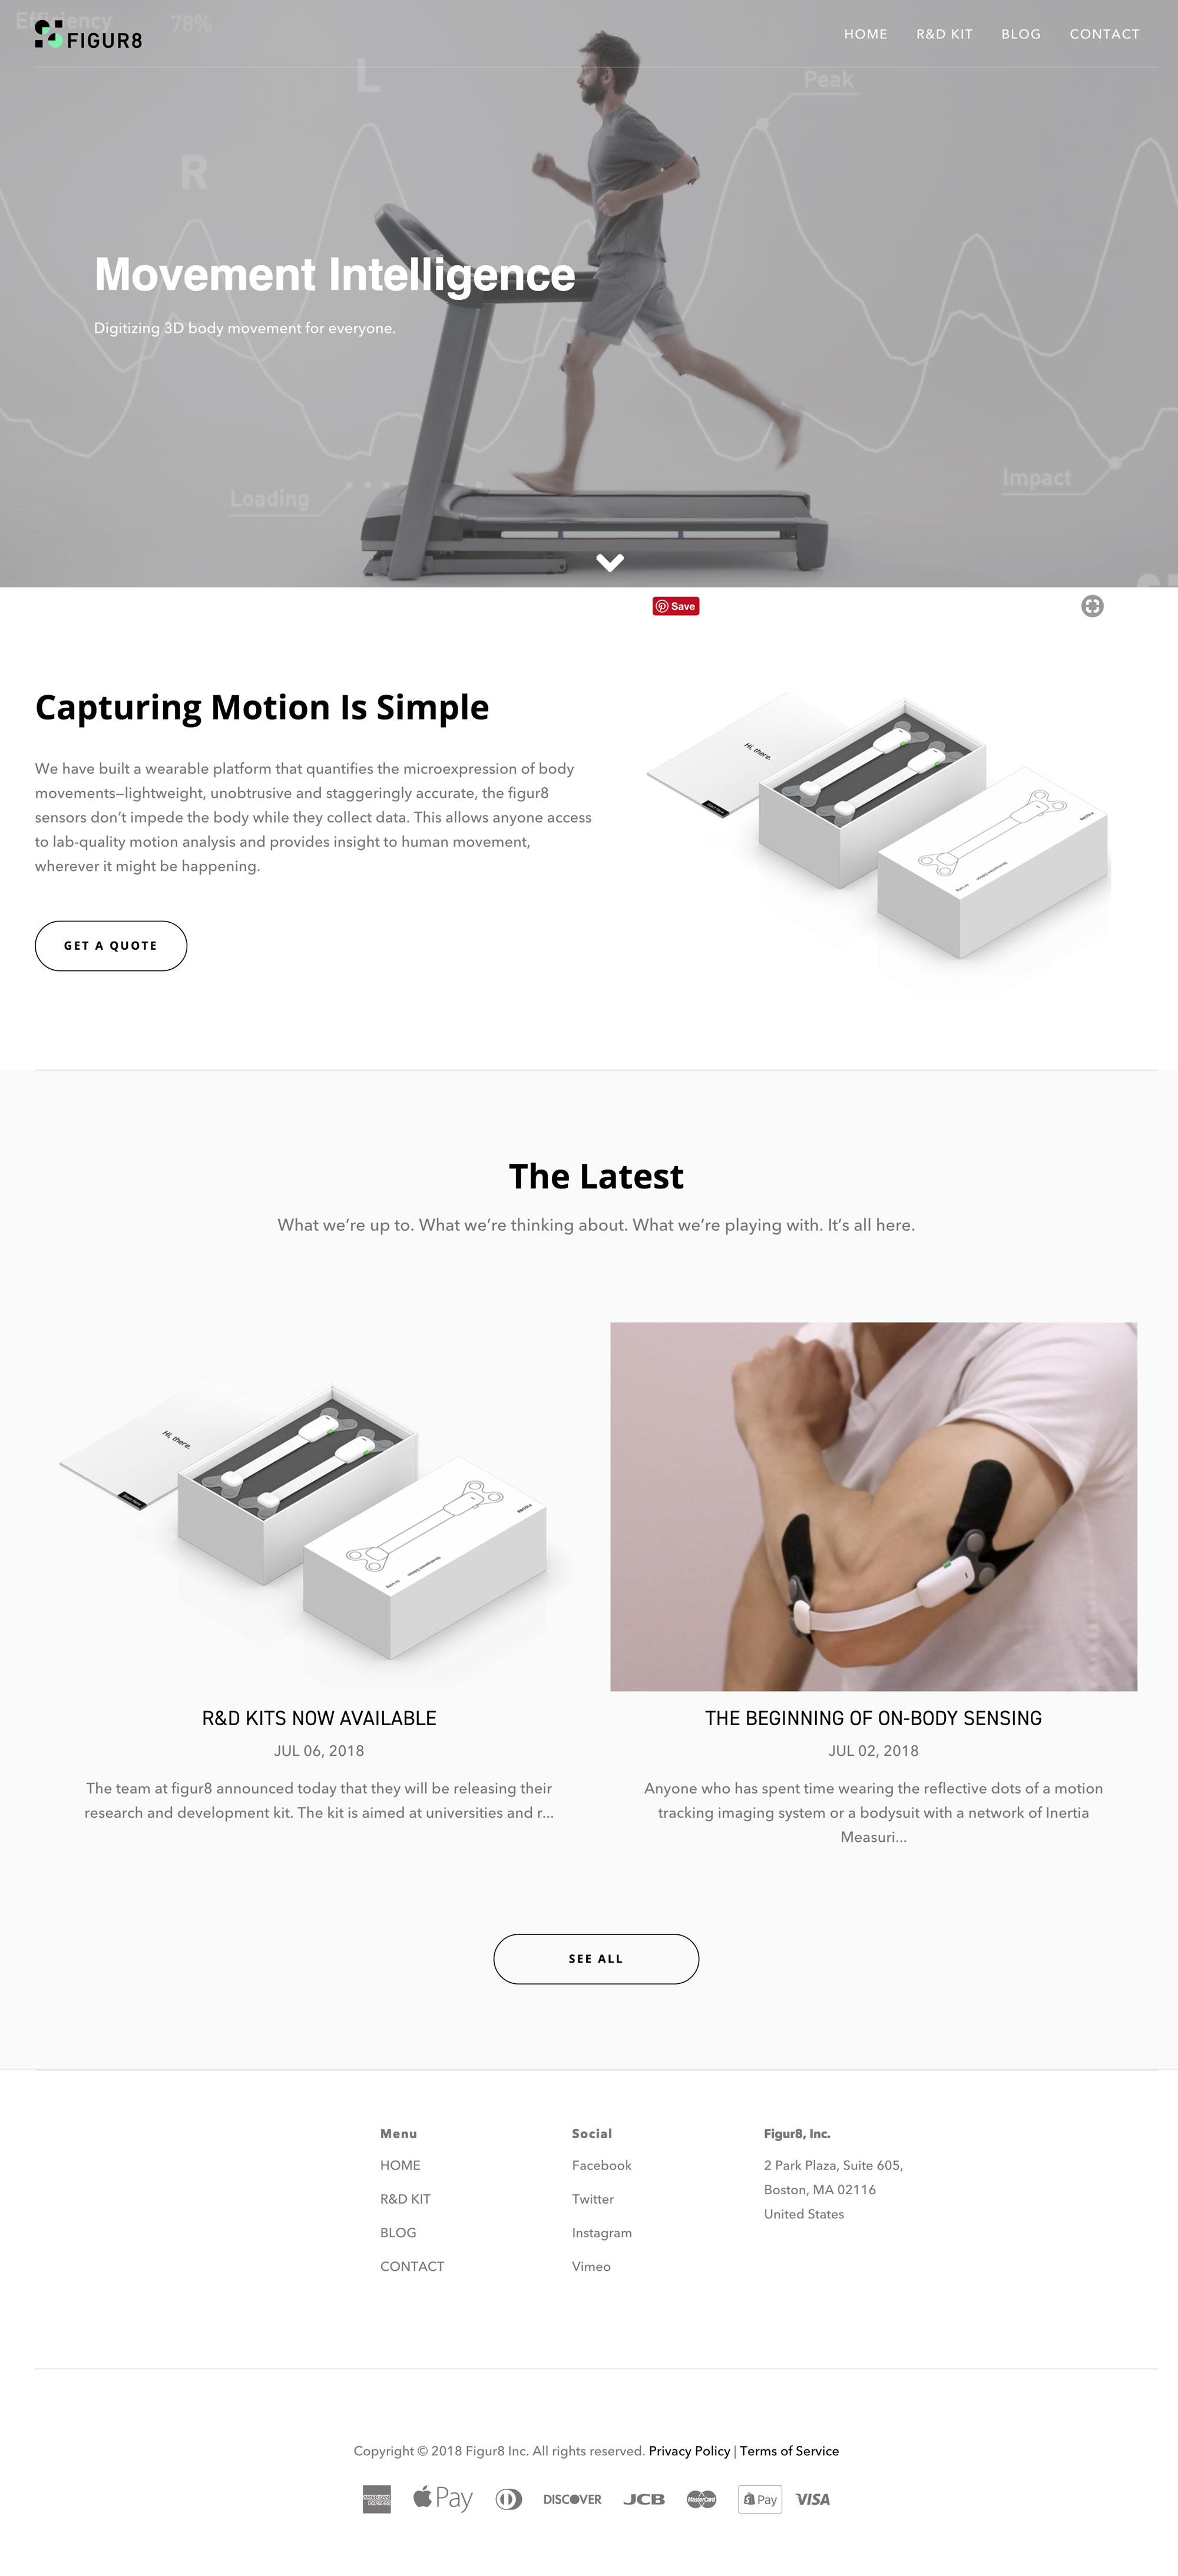 figur8 webpage